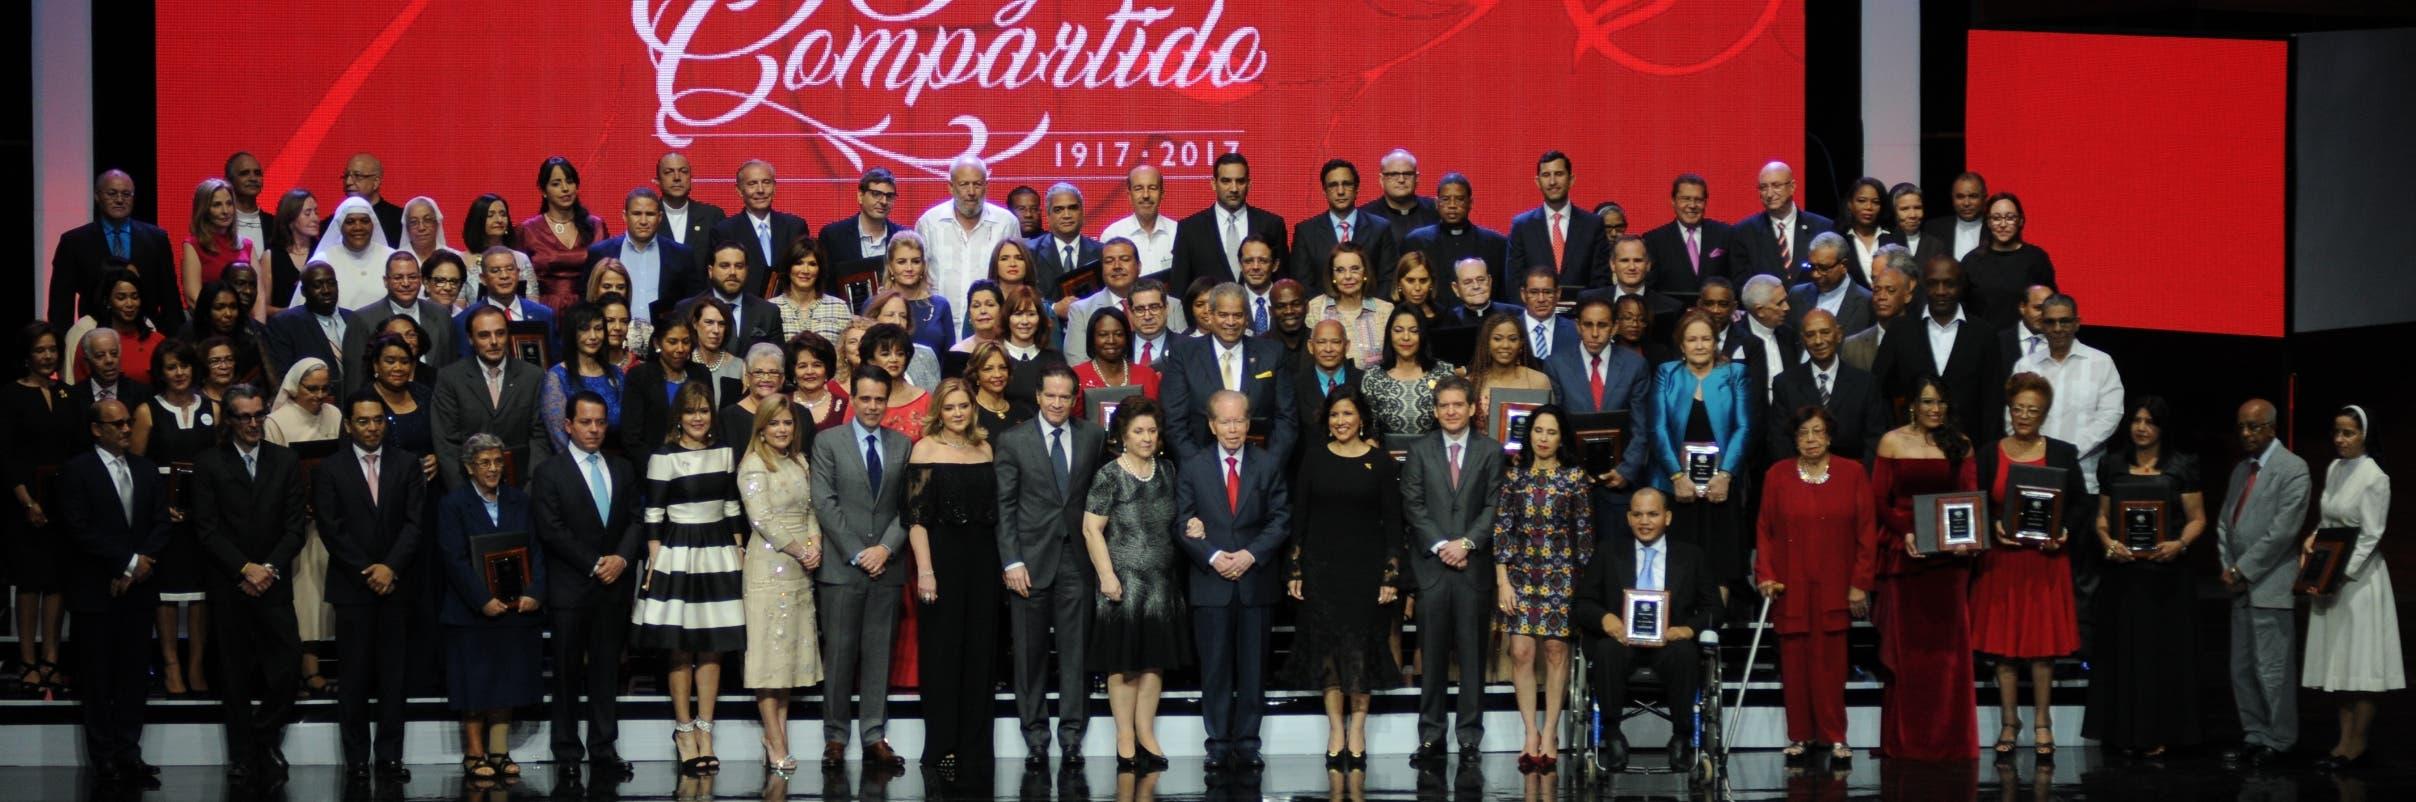 Reconocidos por entregarse a los demás  La familia Corripio, junto a los representantes de las cien instituciones galardonadas con   una placa y un millón de pesos que deberán utilizar para continuar sus obras.